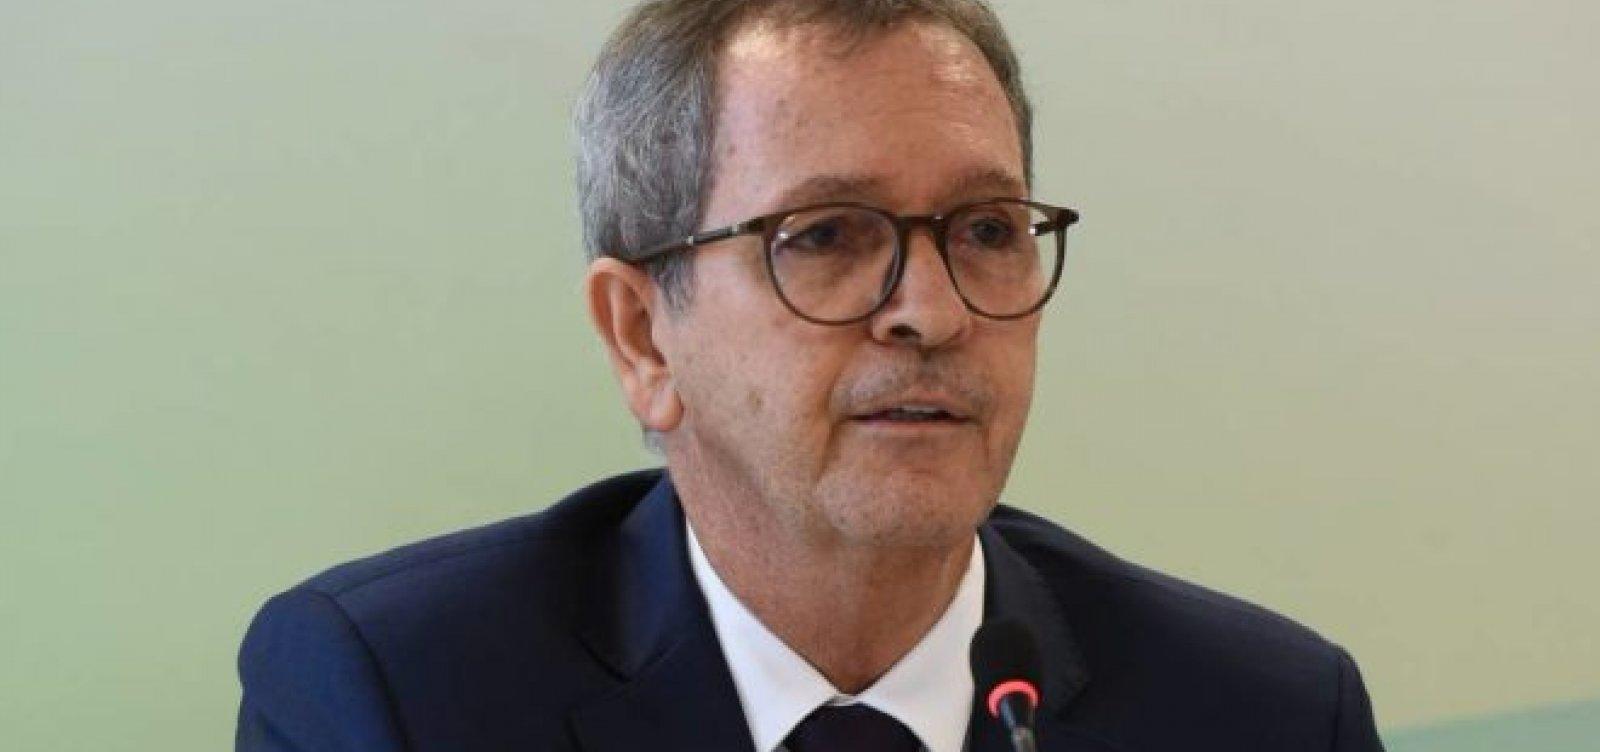 MEC anuncia novo comando para Secretaria de Educação Básica